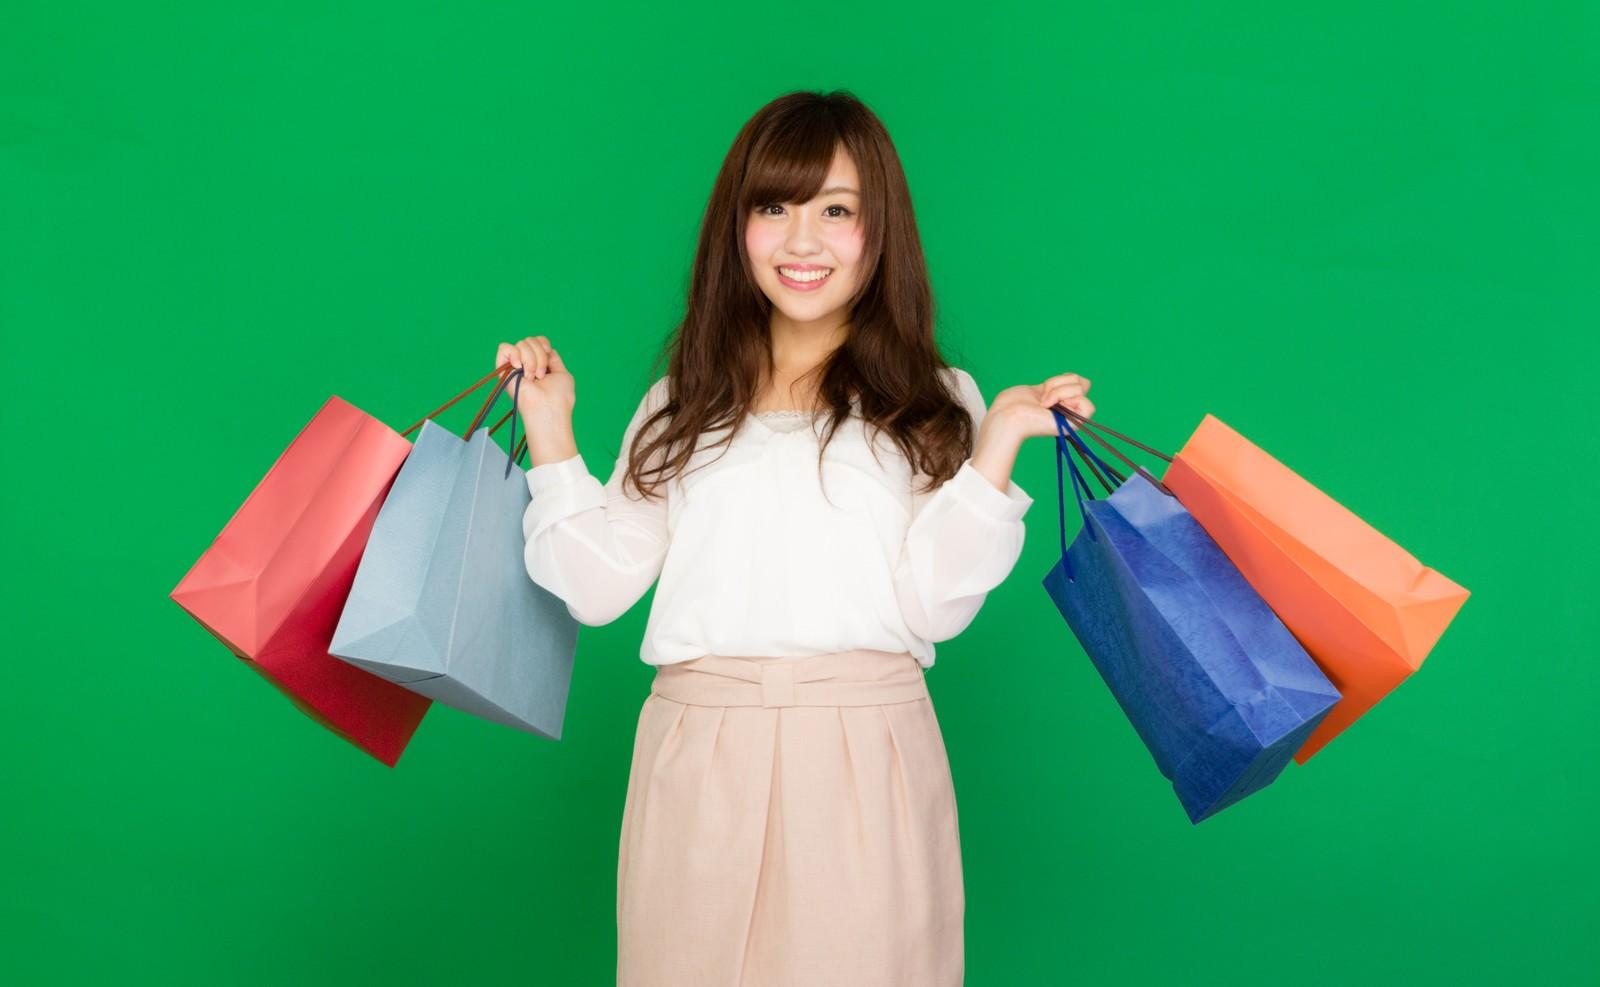 楽天市場 楽天スーパーセール 買い回り おすすめ ブログ